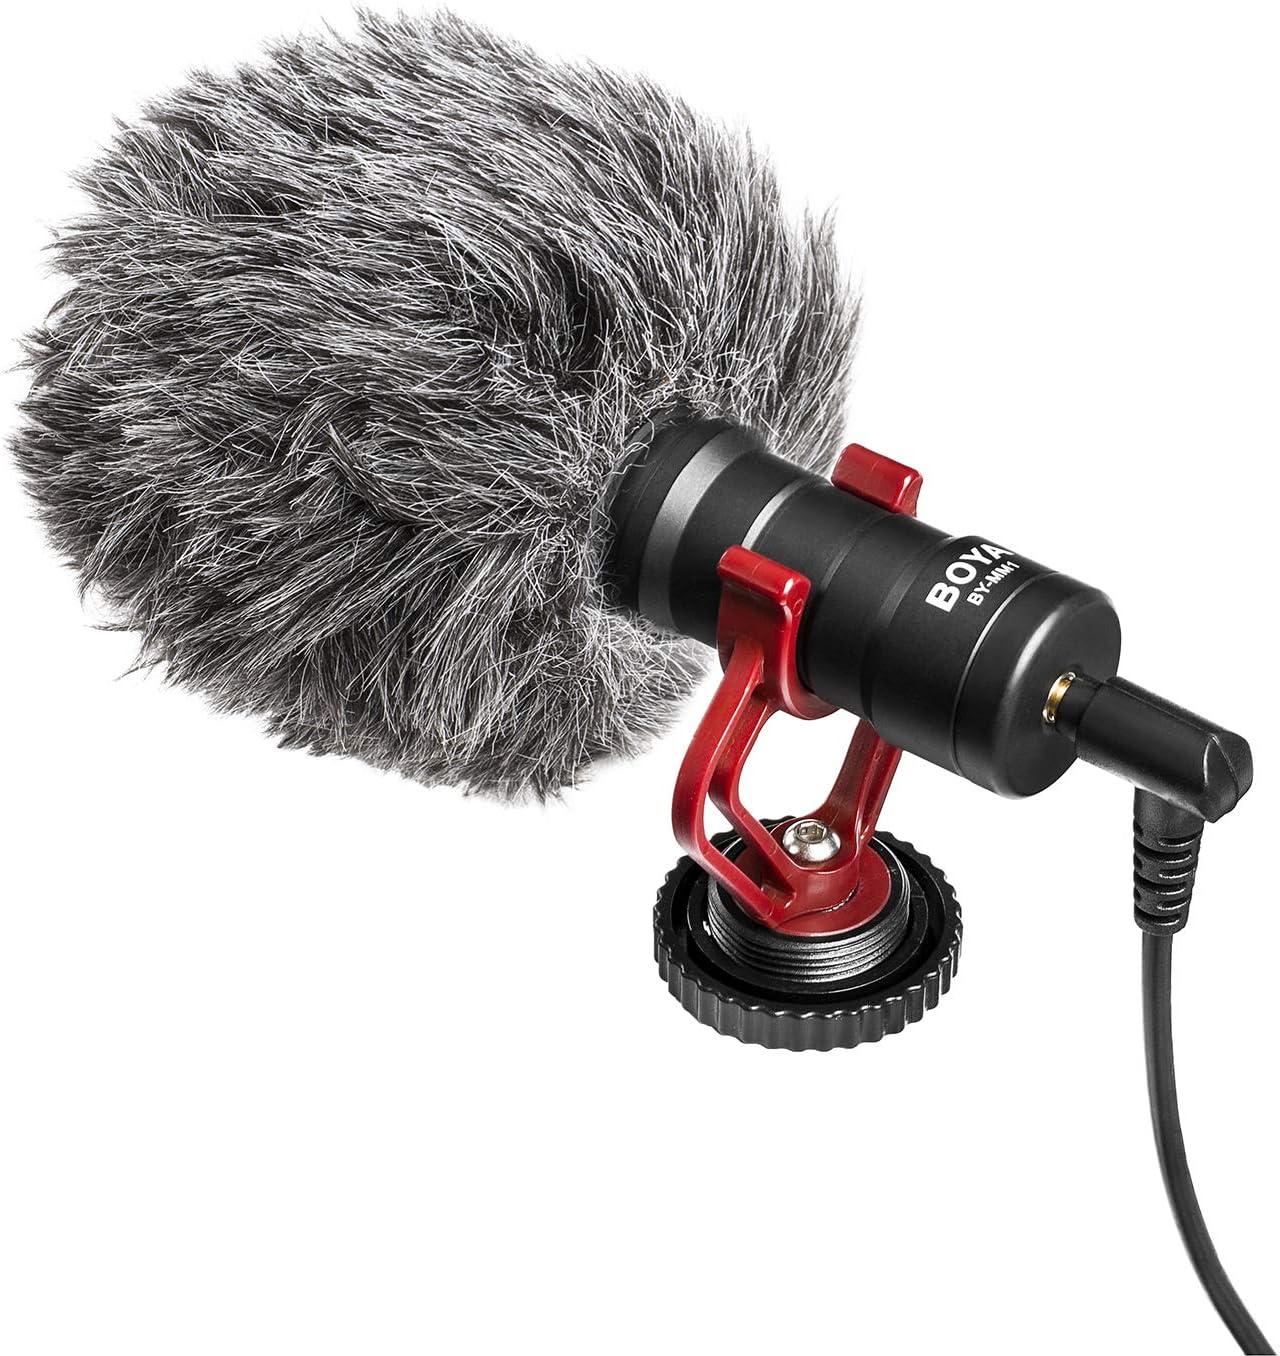 BOYA - Micrófono de vídeo compacto para cámara YouTube Vlogging Facebook Livestream Grabación compatible con micrófono iPhone Huawei Smartphone DJI Osmo Mobile Plus, para cámaras Canon Nikon Sony DSLR